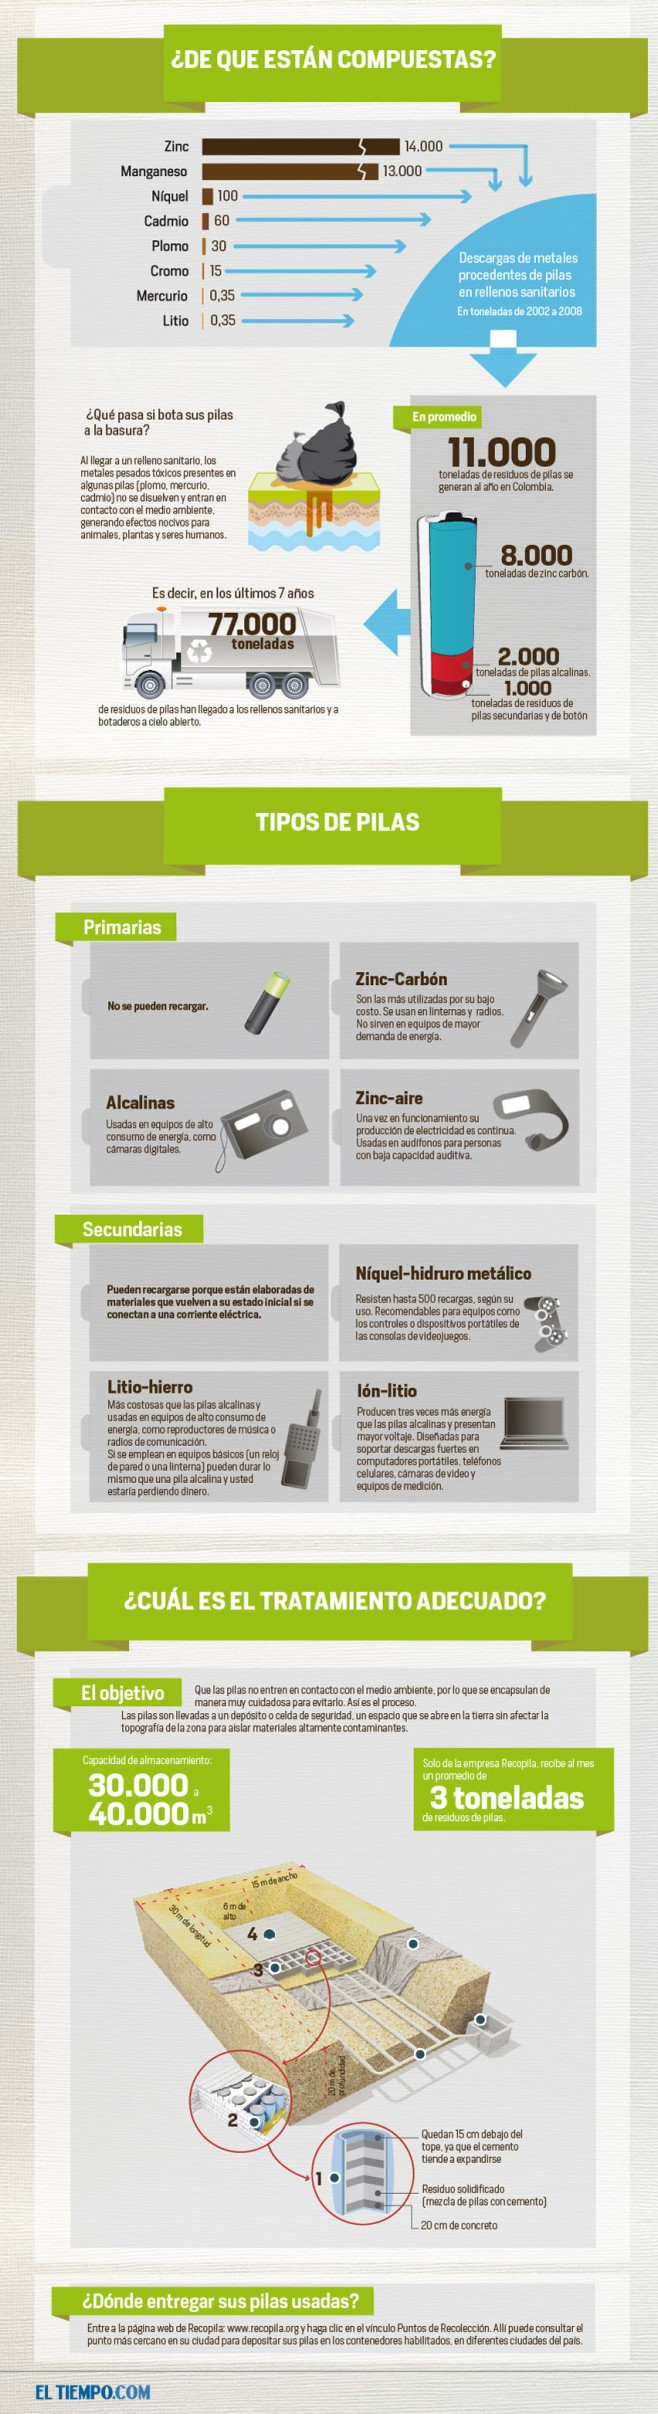 pilas usadas compuestas por metales pesados contaminantes. Infografía